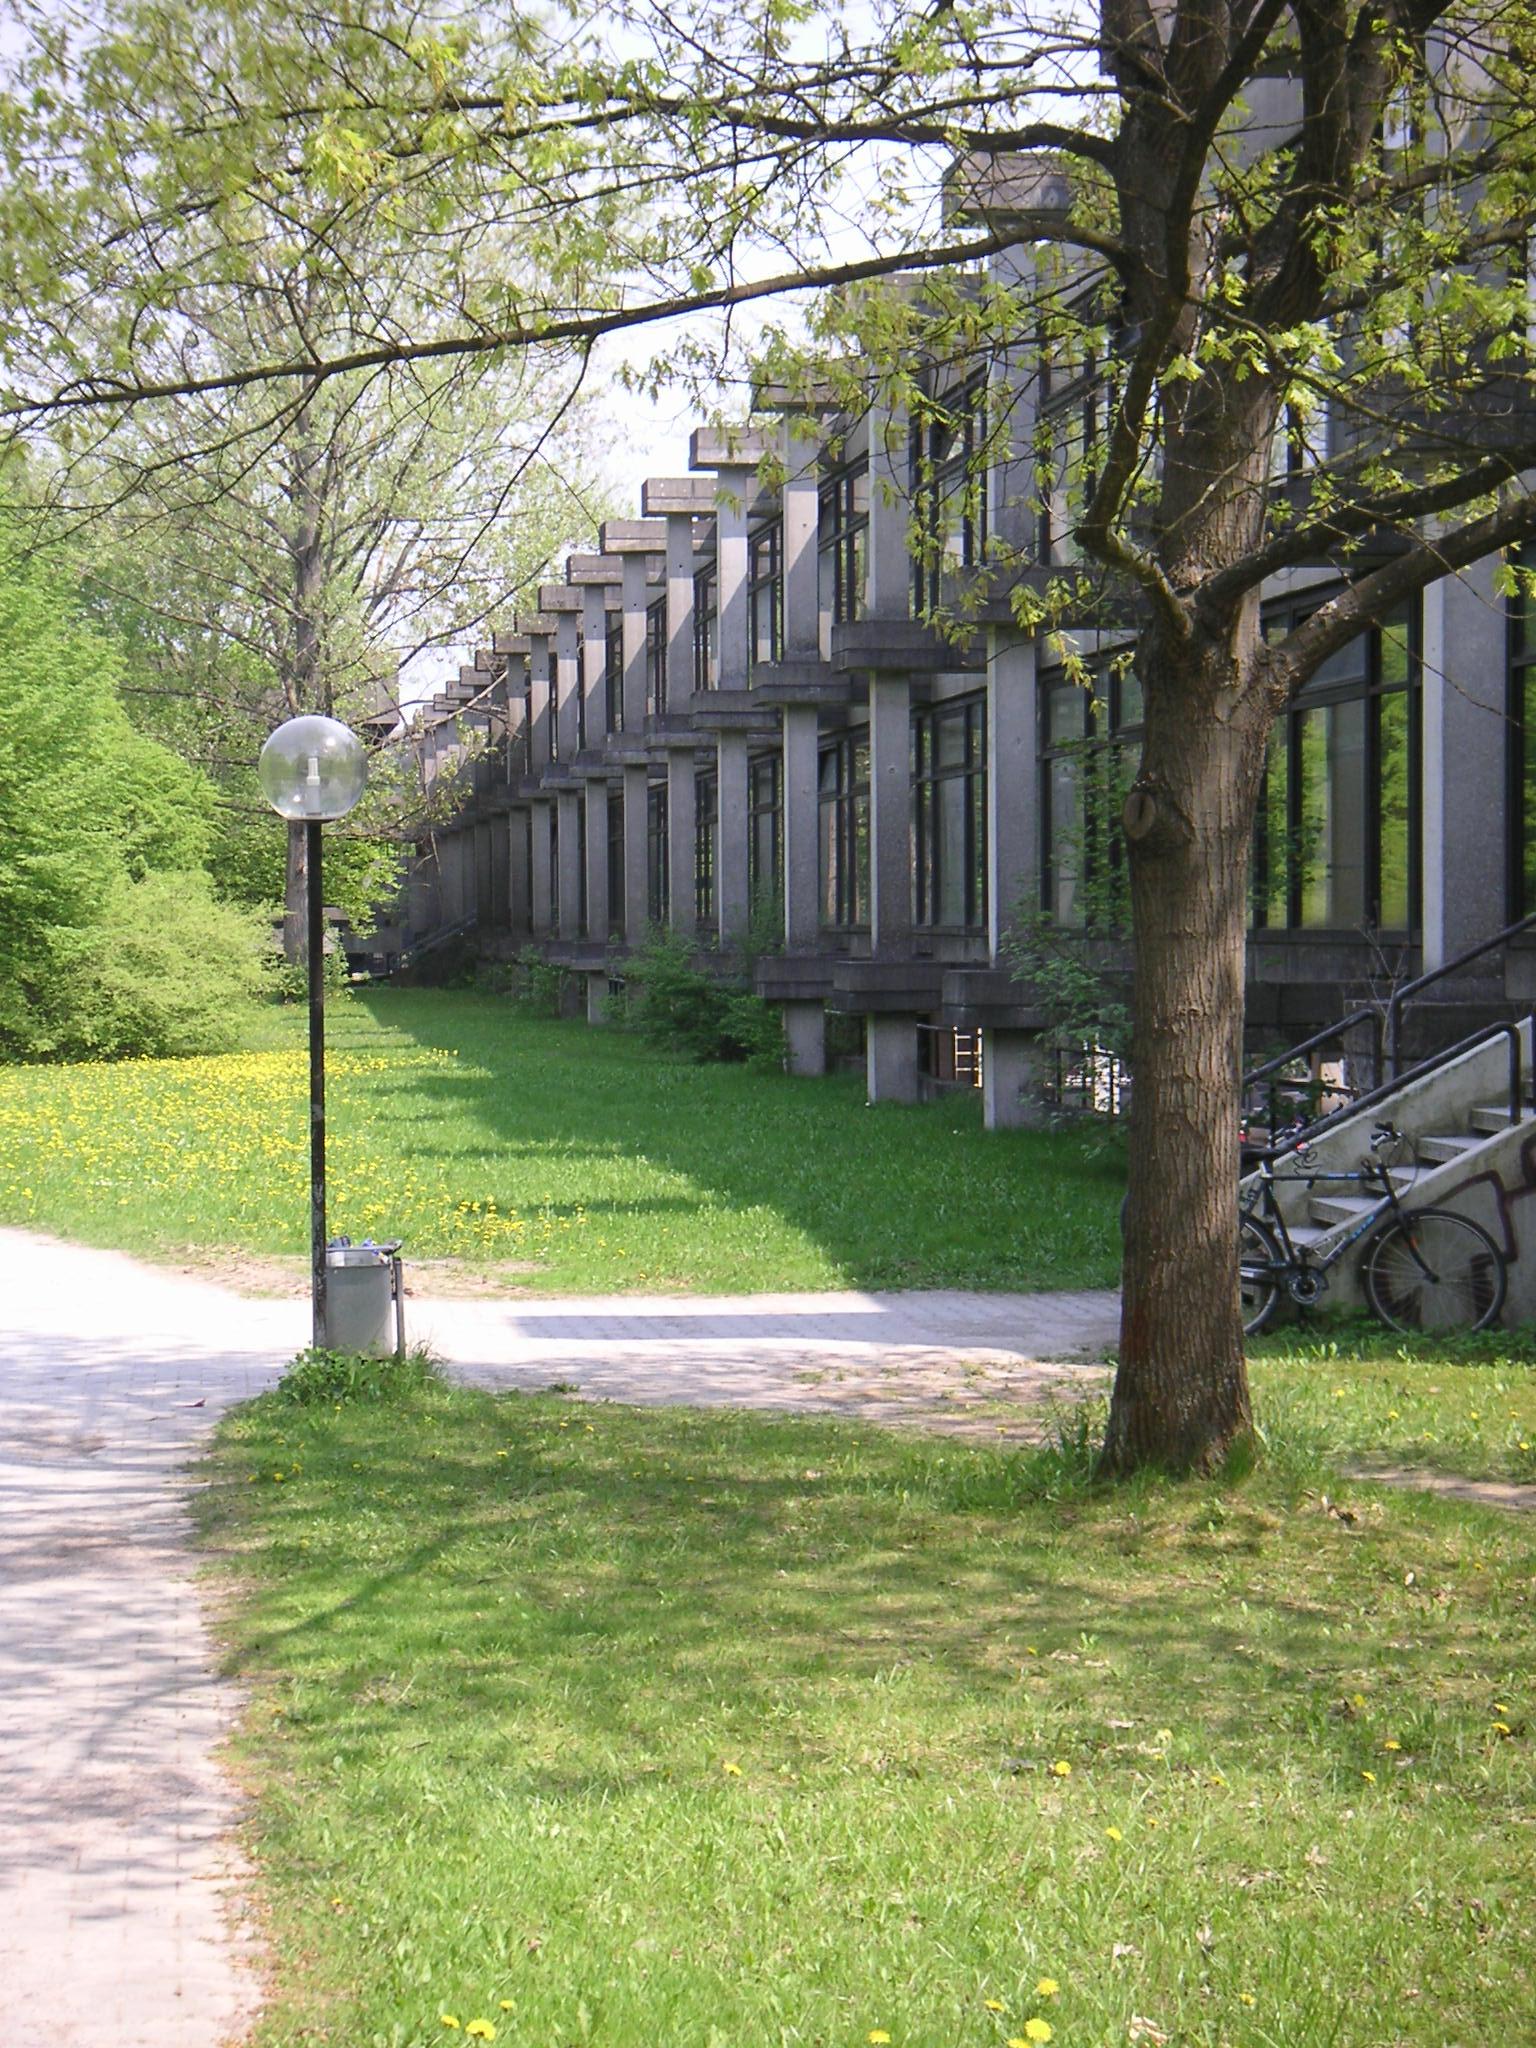 Veja o que saiu no Migalhas sobre Universidade de Ratisbona